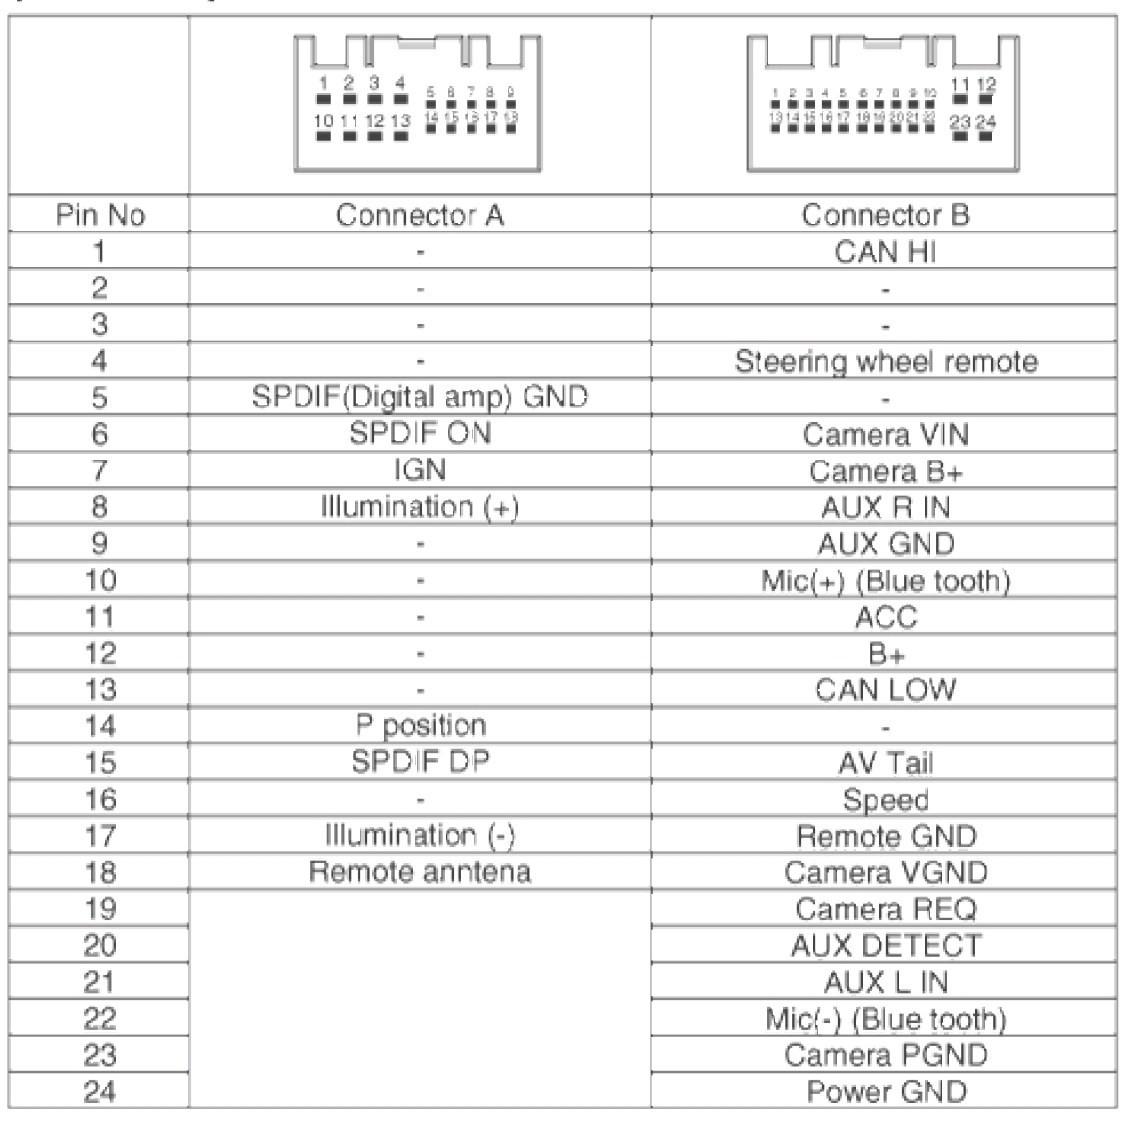 Avh P1400Dvd Pioneer Wiring Diagram | Wiring Library - Pioneer Avh P1400Dvd Wiring Diagram